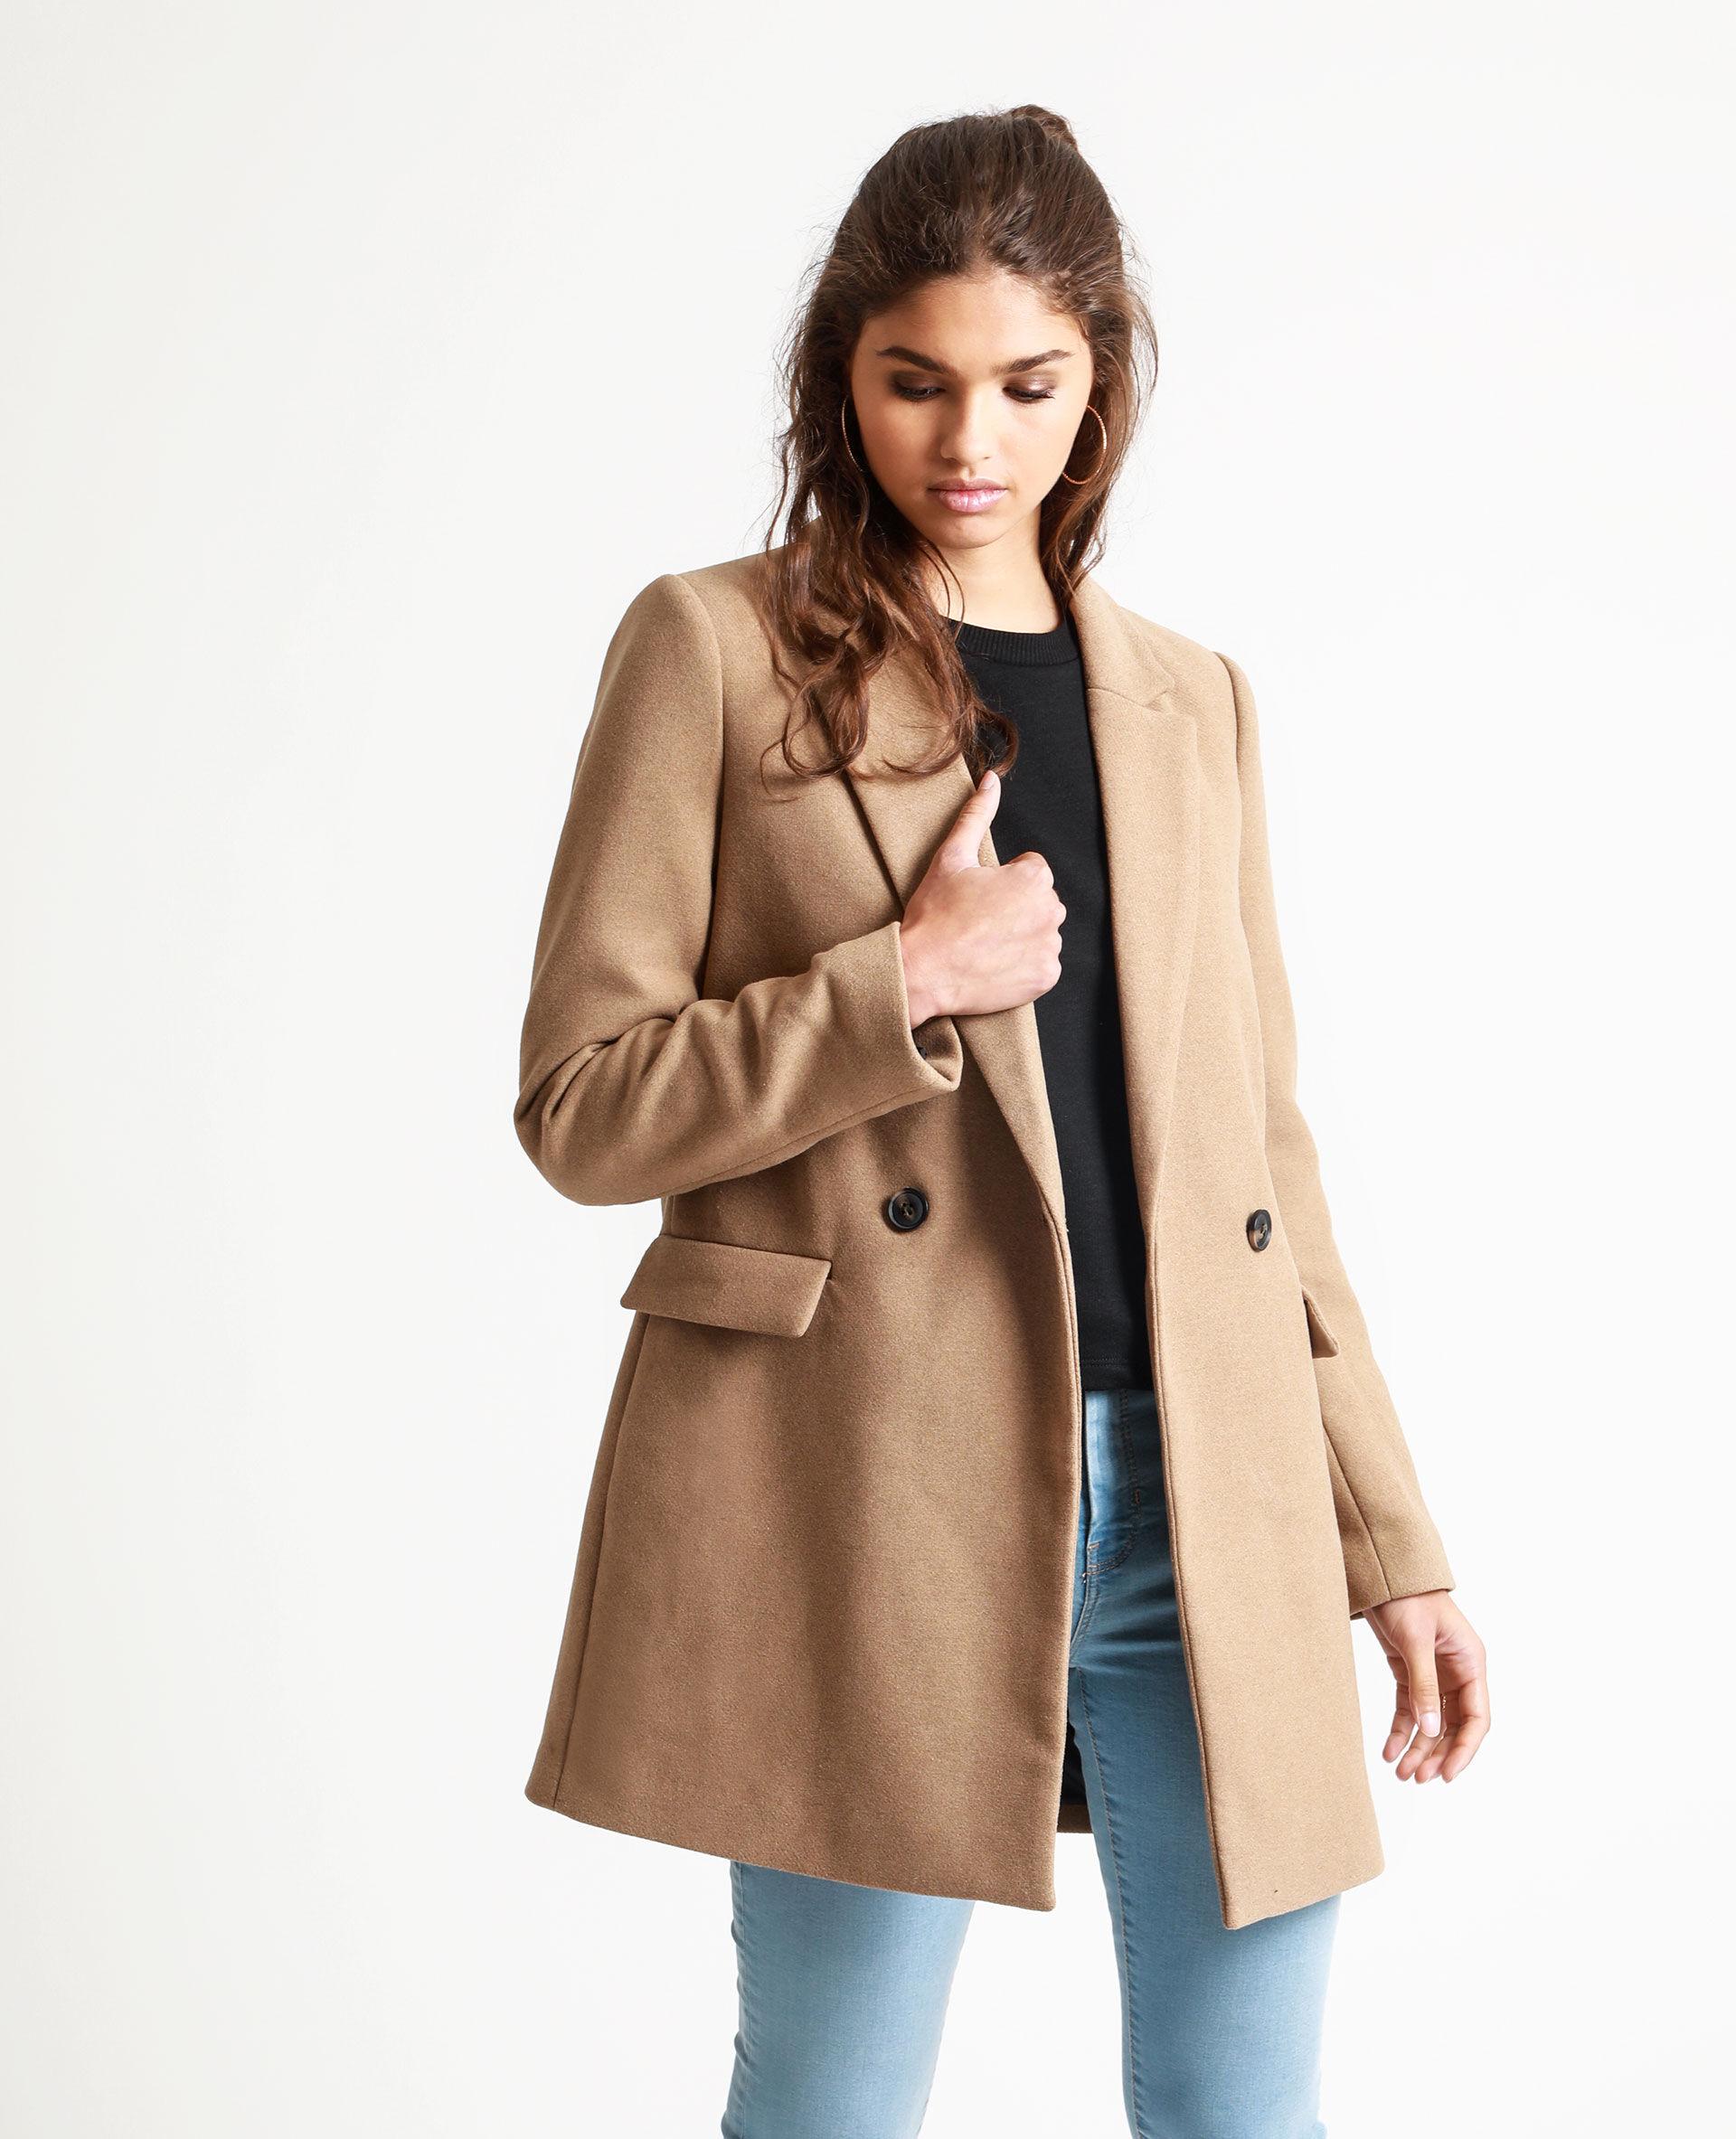 Manteau noir femme taille 34